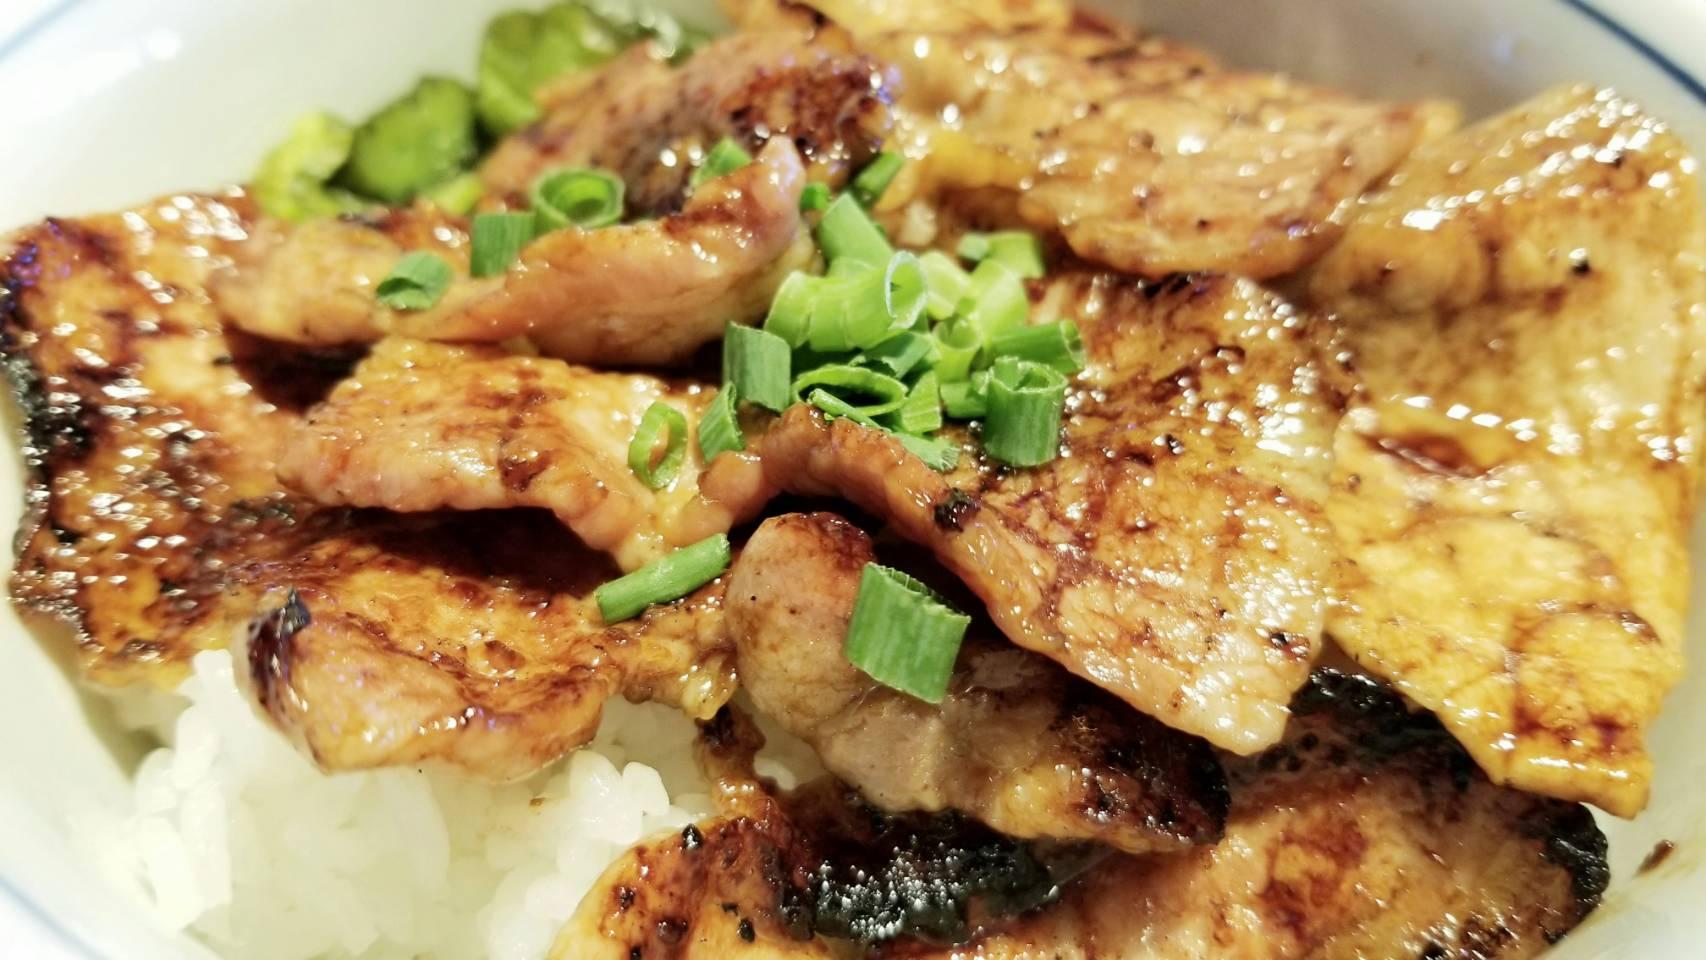 おいしい豚肉丼ぶりマテラの森ランチパスポート愛媛県おすすめブログ